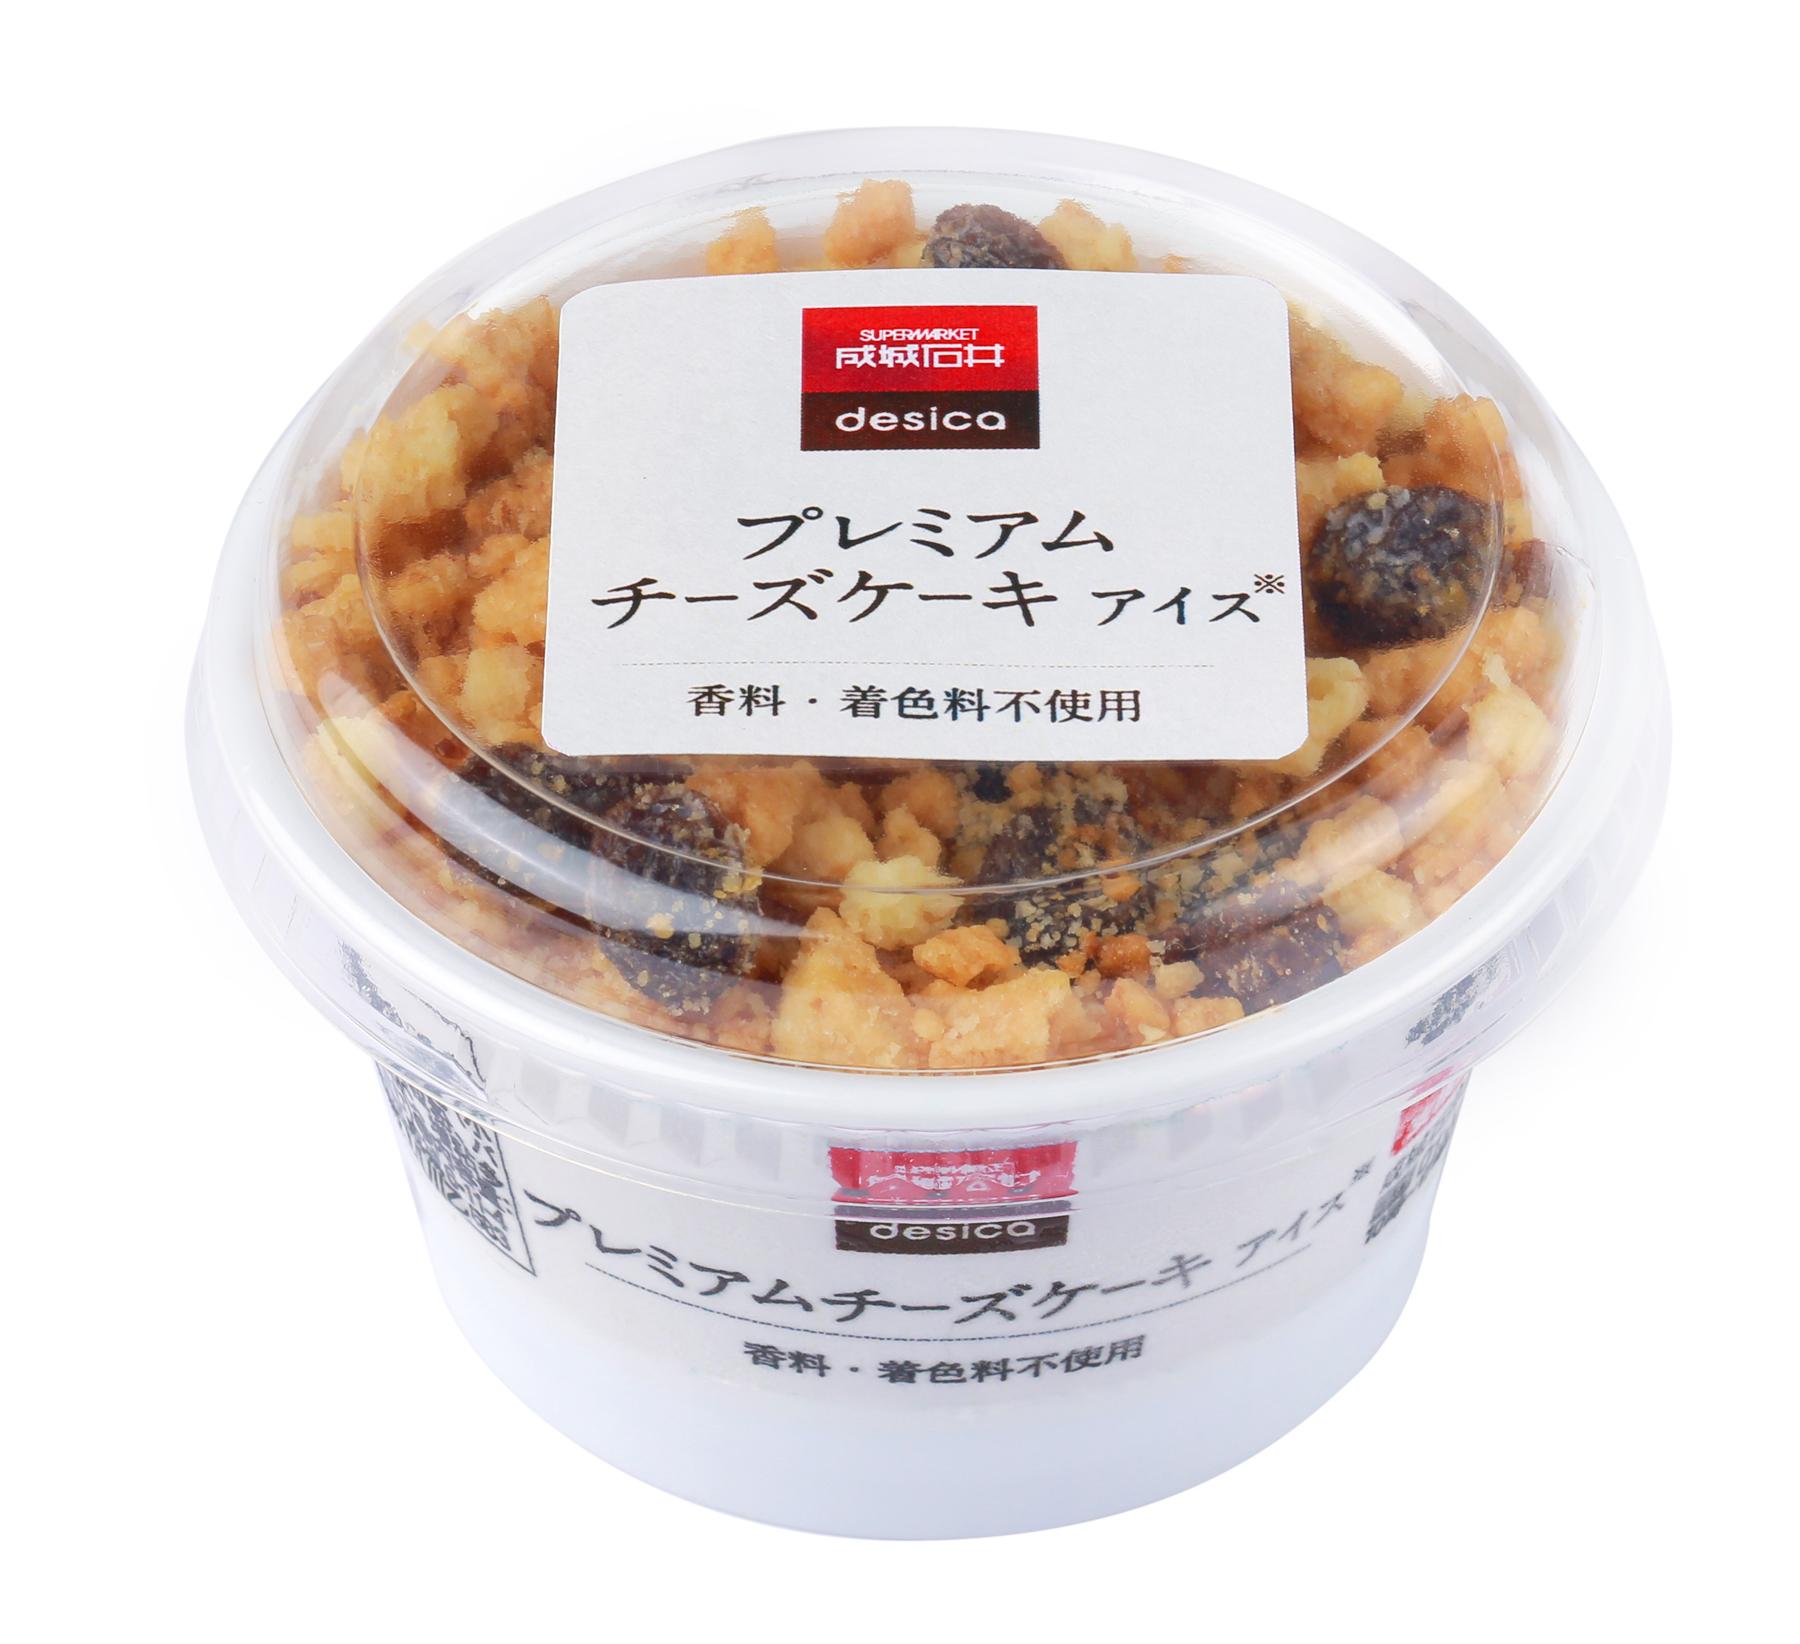 成城石井の人気No.1商品「プレミアムチーズケーキ」がアイスケーキに大変身!当社最高峰のオリジナル商品シリーズ「desica」で初のアイスクリームを発売